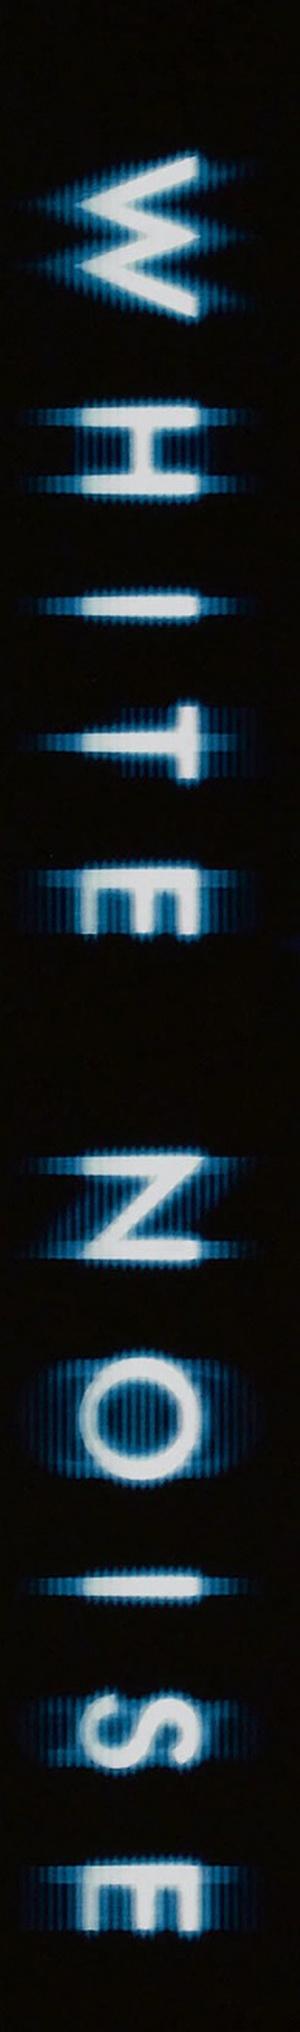 White Noise - Schreie aus dem Jenseits 443x3000